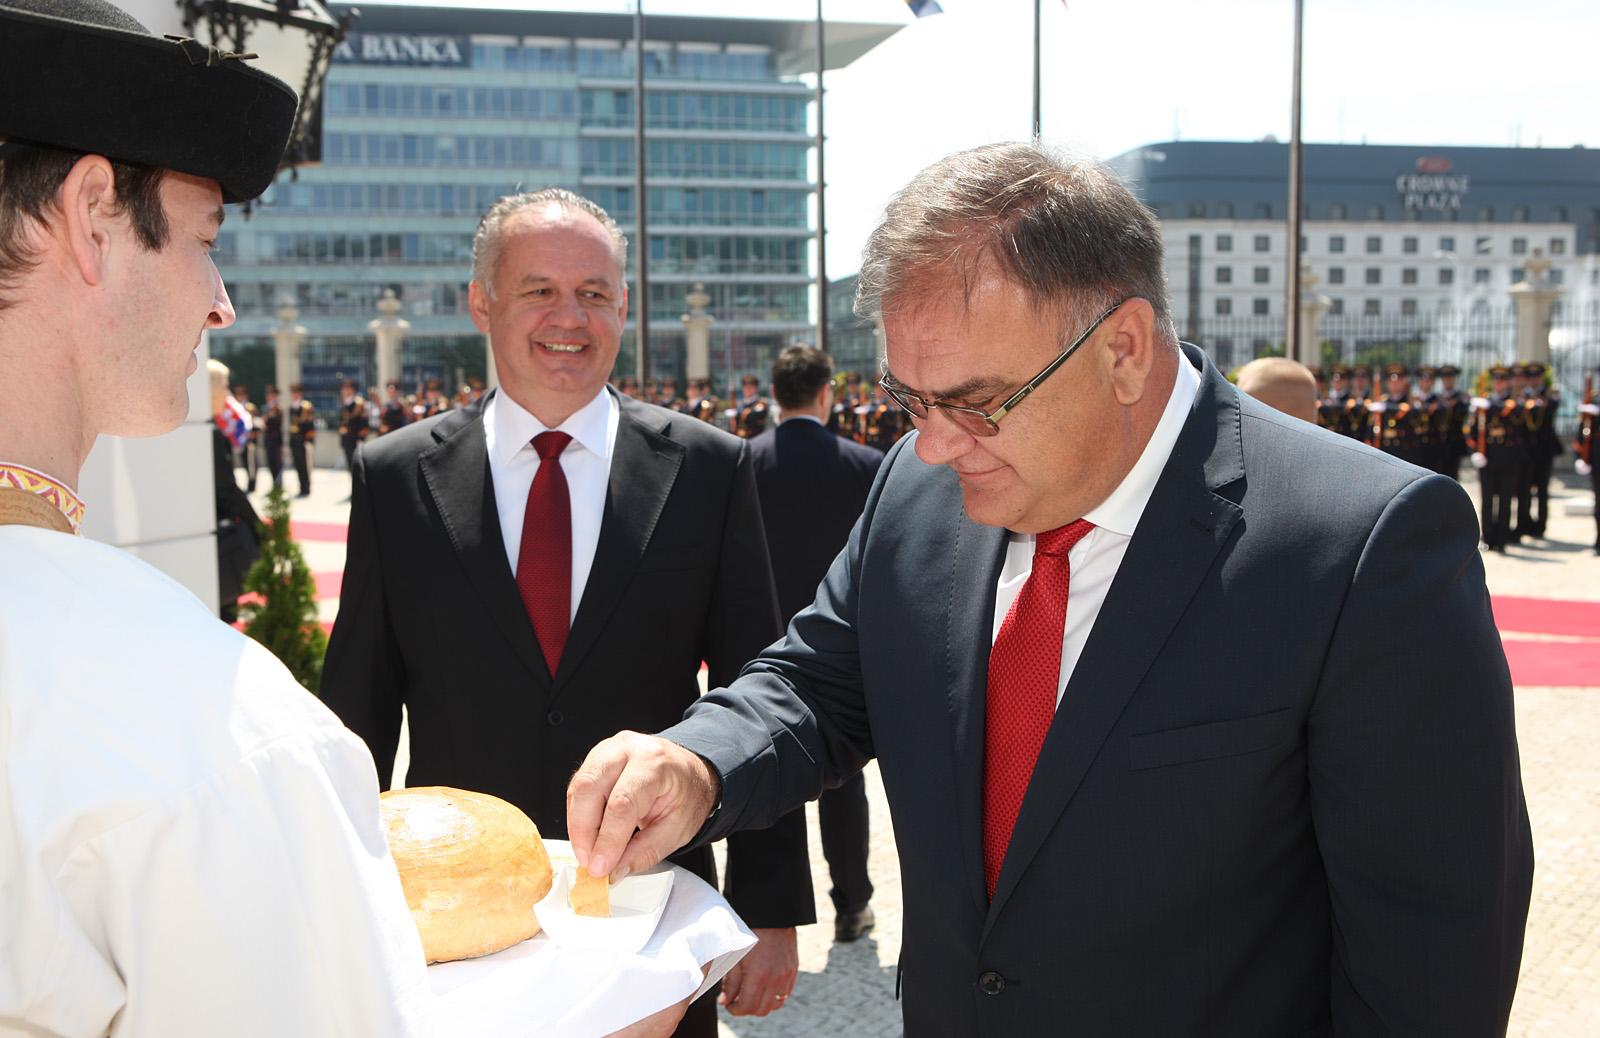 Kiska prijal predsedajúceho Predsedníctva Bosny a Hercegoviny